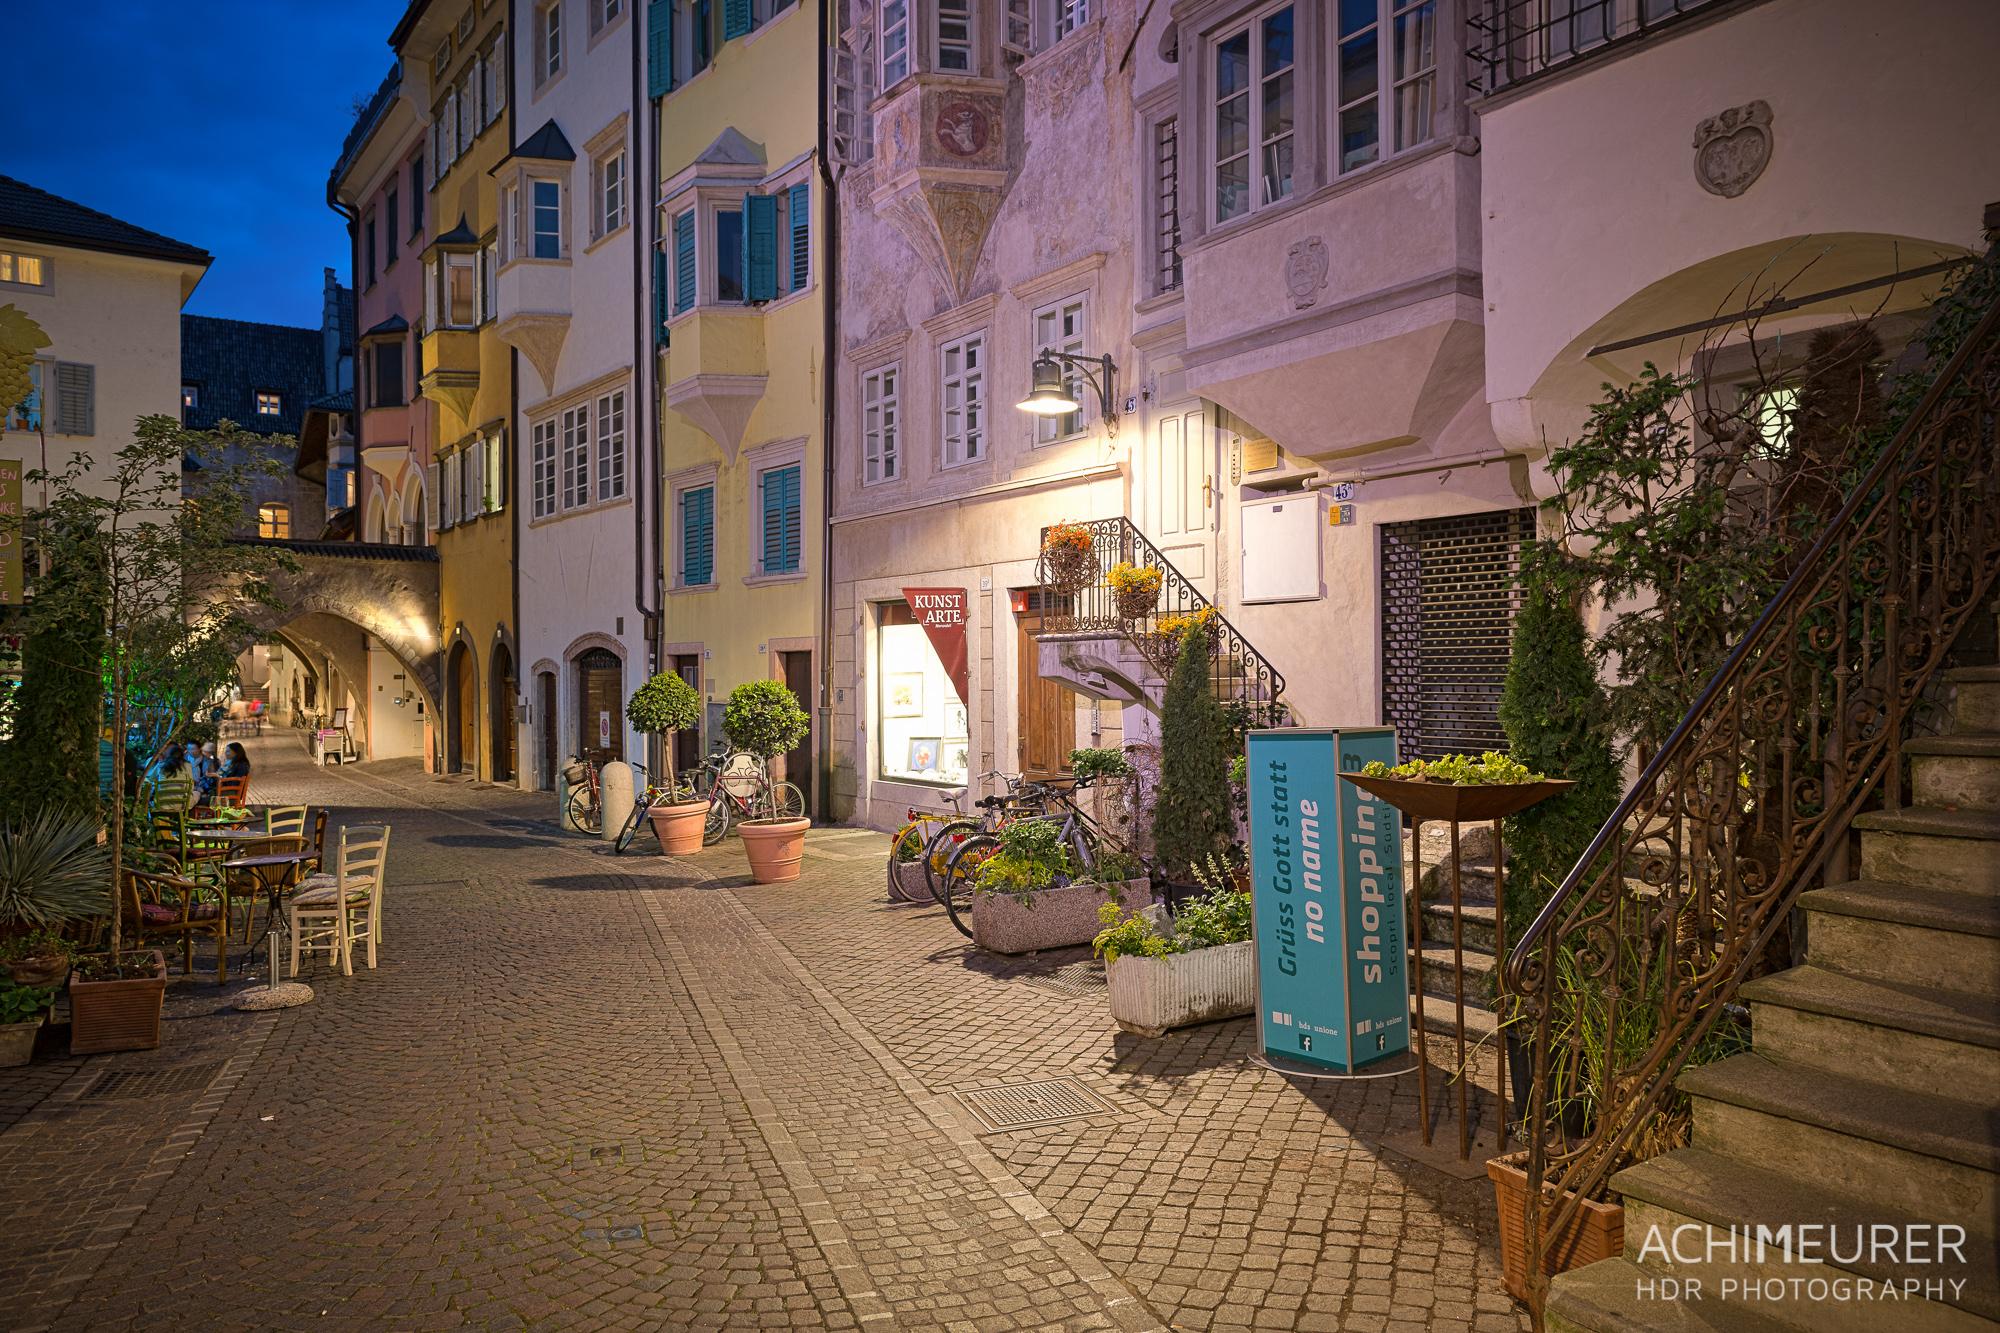 Suedtirol-Sueden-Bozen-Altstadt-Nachtaufnahme_0817_6_5_4_3_HDR